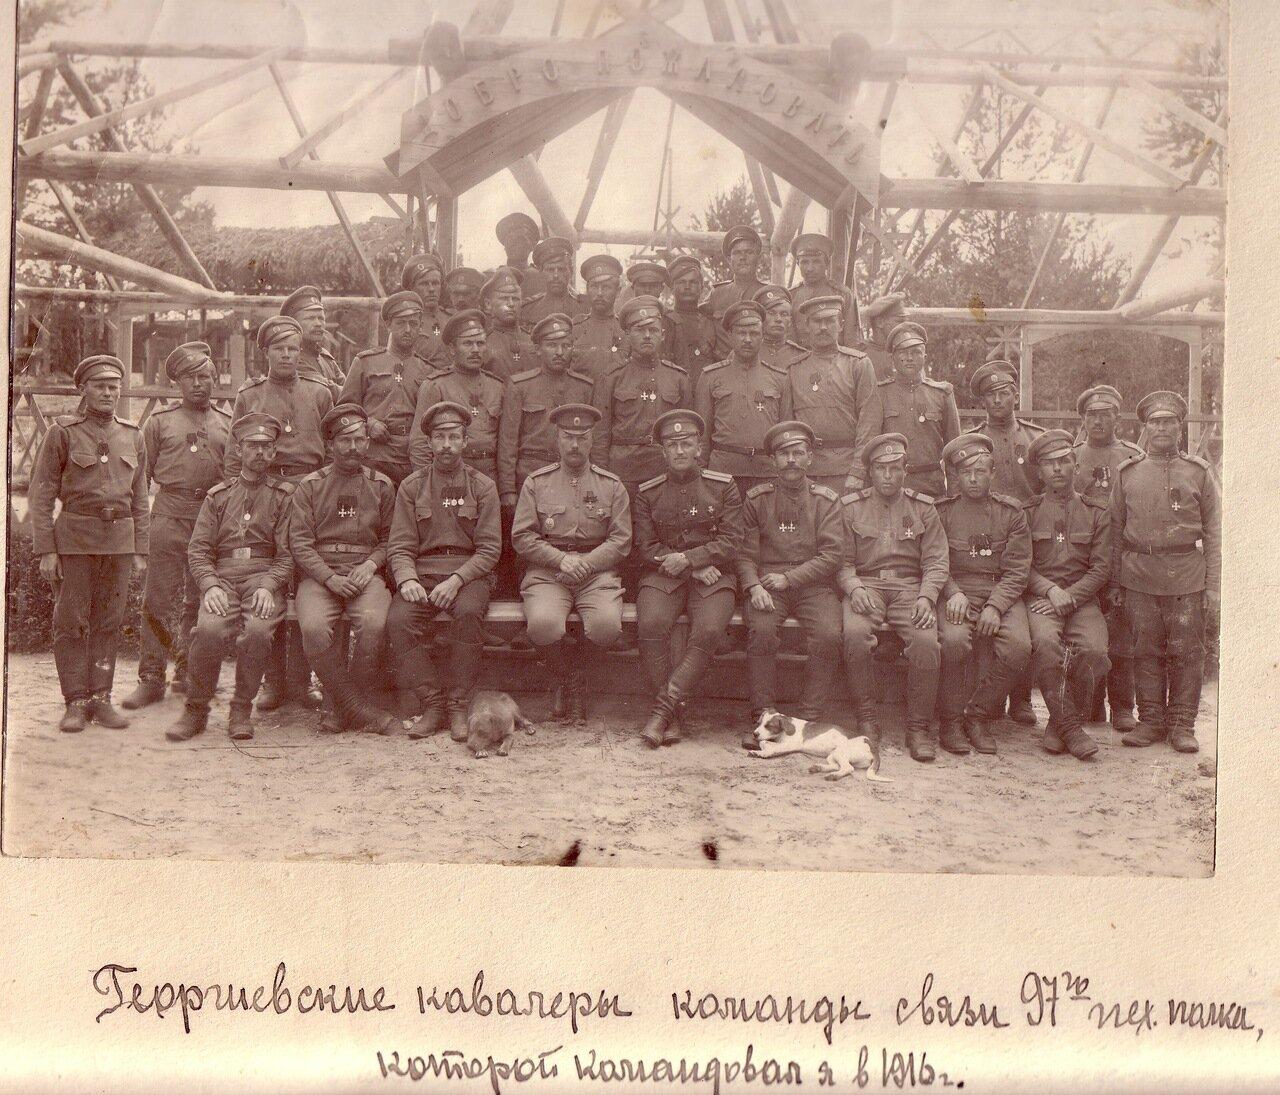 Георгиевские кавалеры команды связи 97-го пехотного полка, которой командовал я в 1916 году